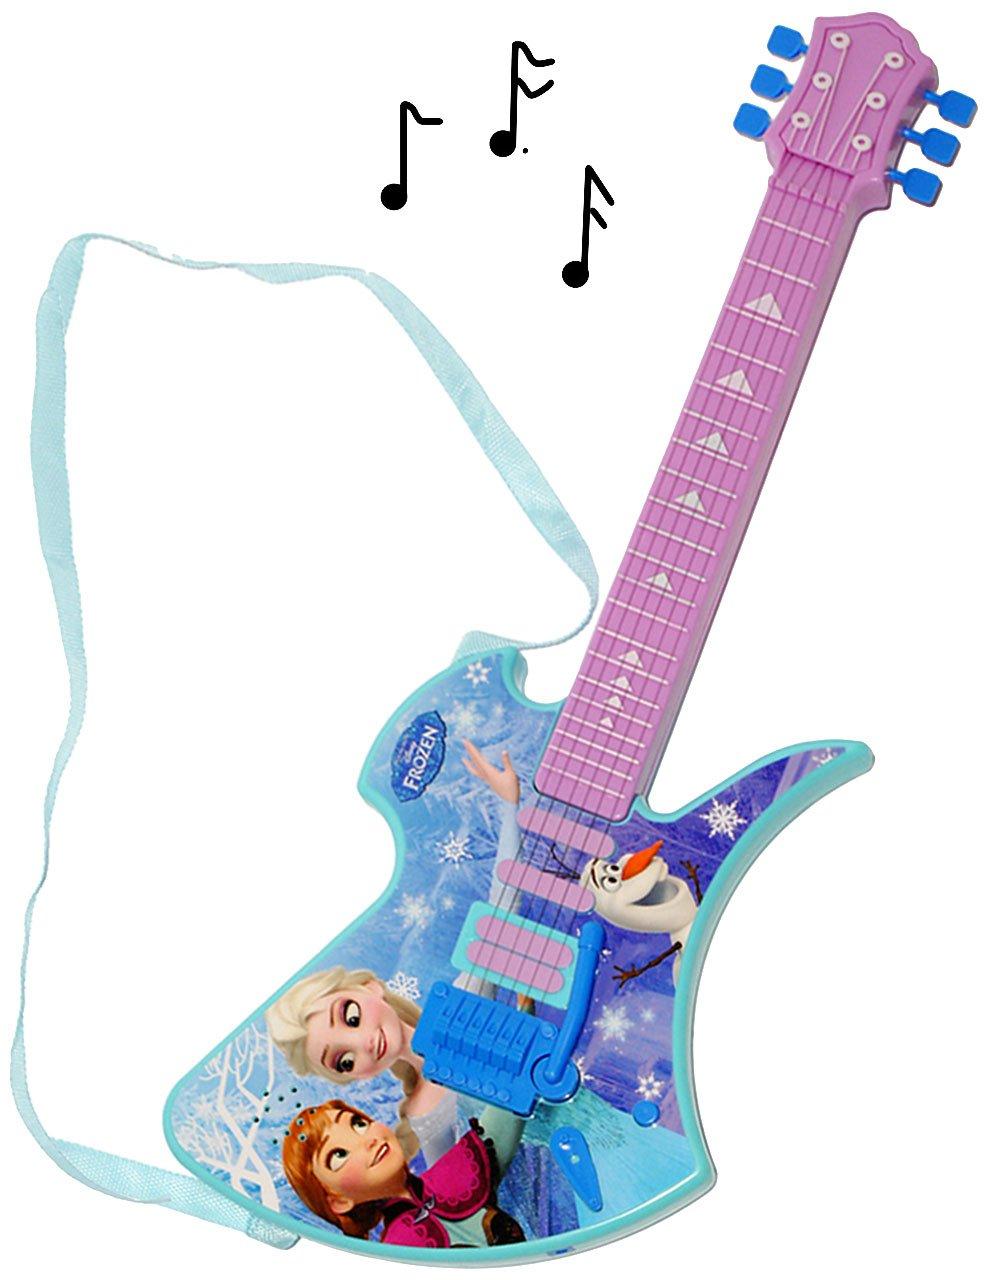 Unbekannt elektrische E-Gitarre -  Disney die Eiskönigin - Frozen  - incl. Name - akustische - Kindergitarre - mit Verzerrer ! spielt auch 3 Lieder ! - für Kinder - a..